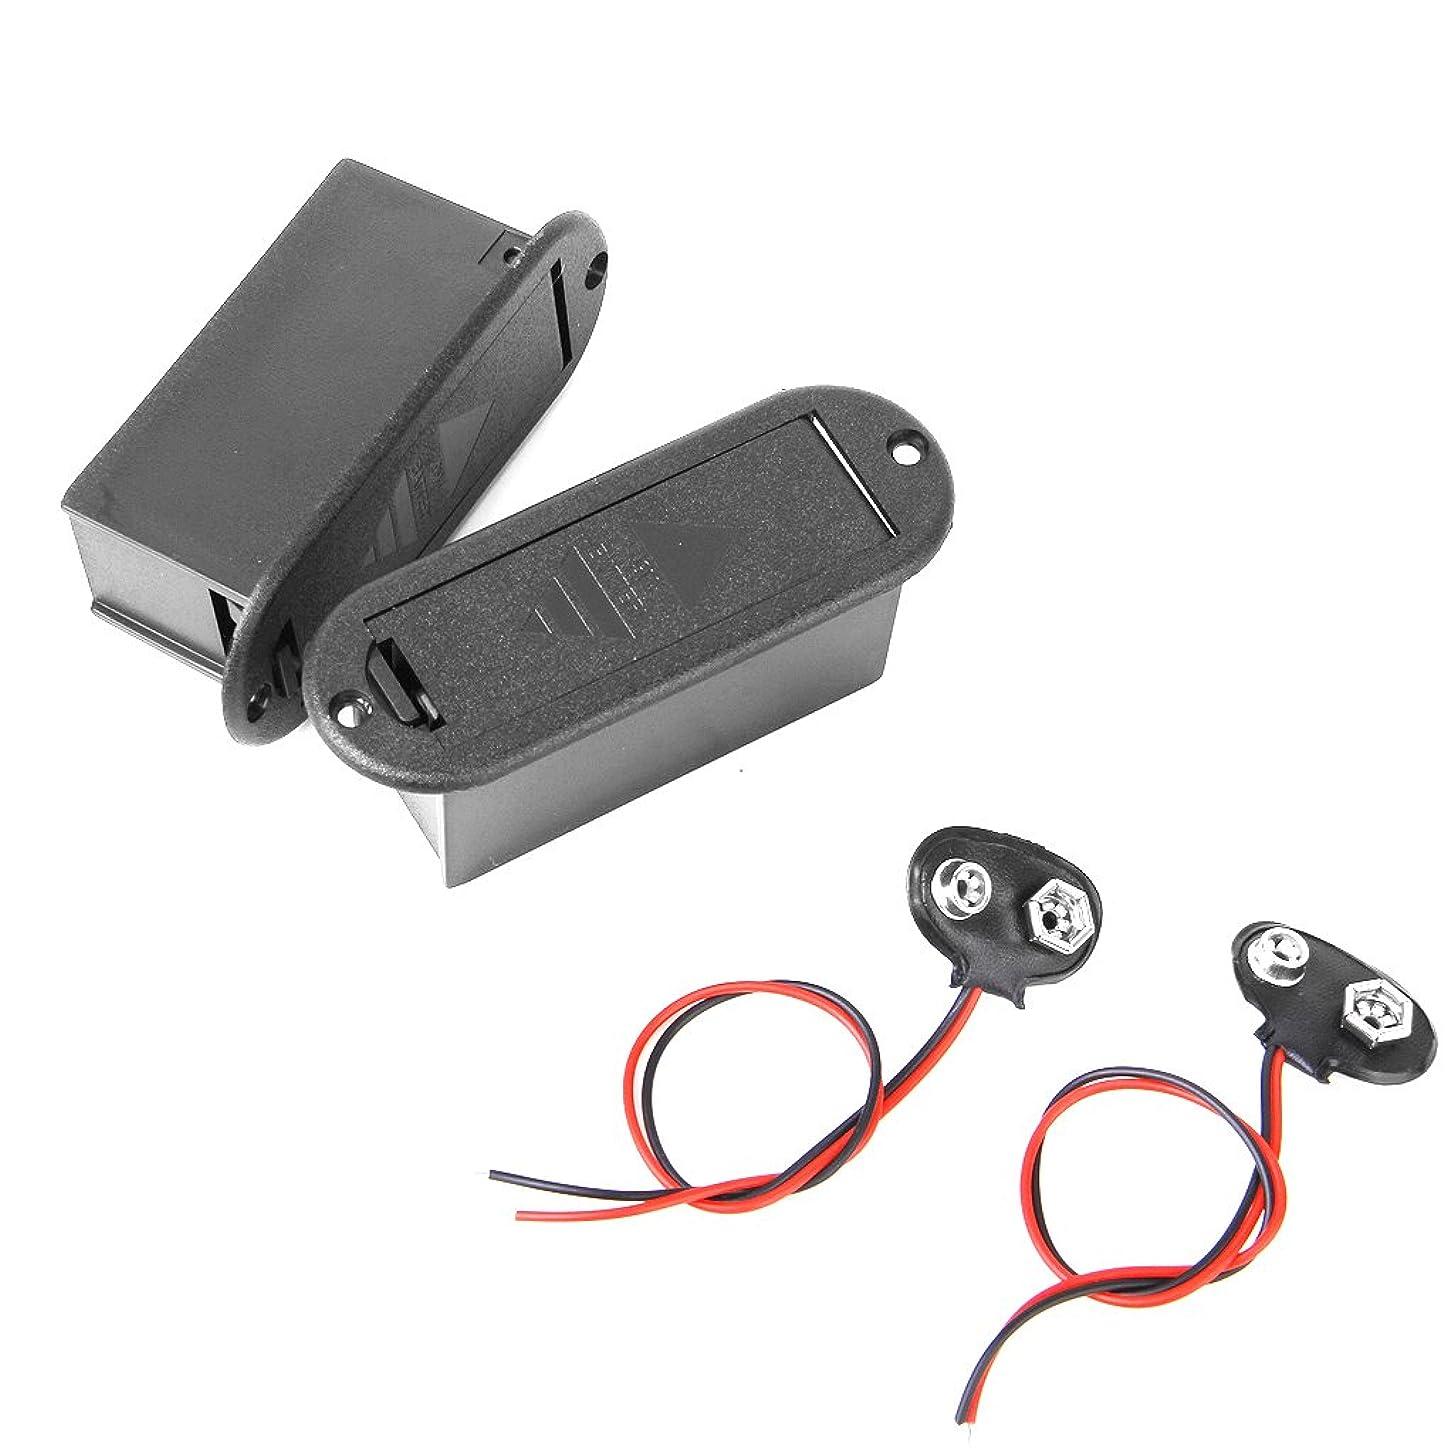 非効率的な繰り返した小屋【ノーブランド品】バッテリクリップ/ Wバッテリーケースボックスと9V電池9V 2本のギターピックアップ